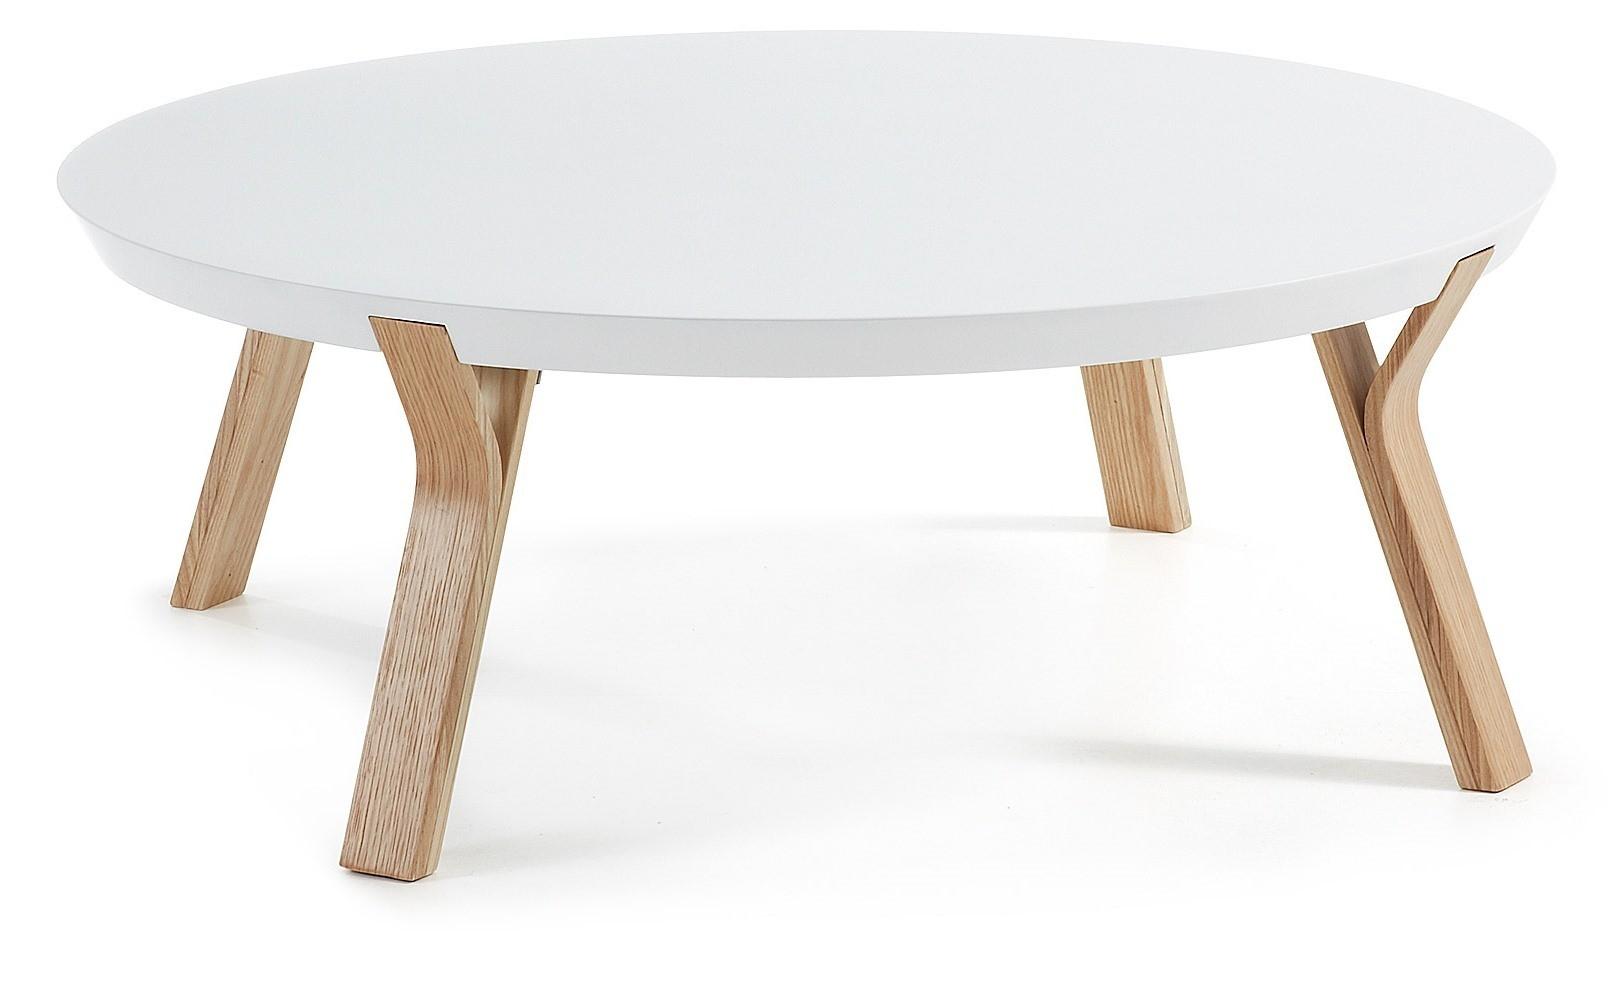 Tavolini In Legno Bianco : Anapolis tavolino rotondo piano laccato bianco o grigio gambe in